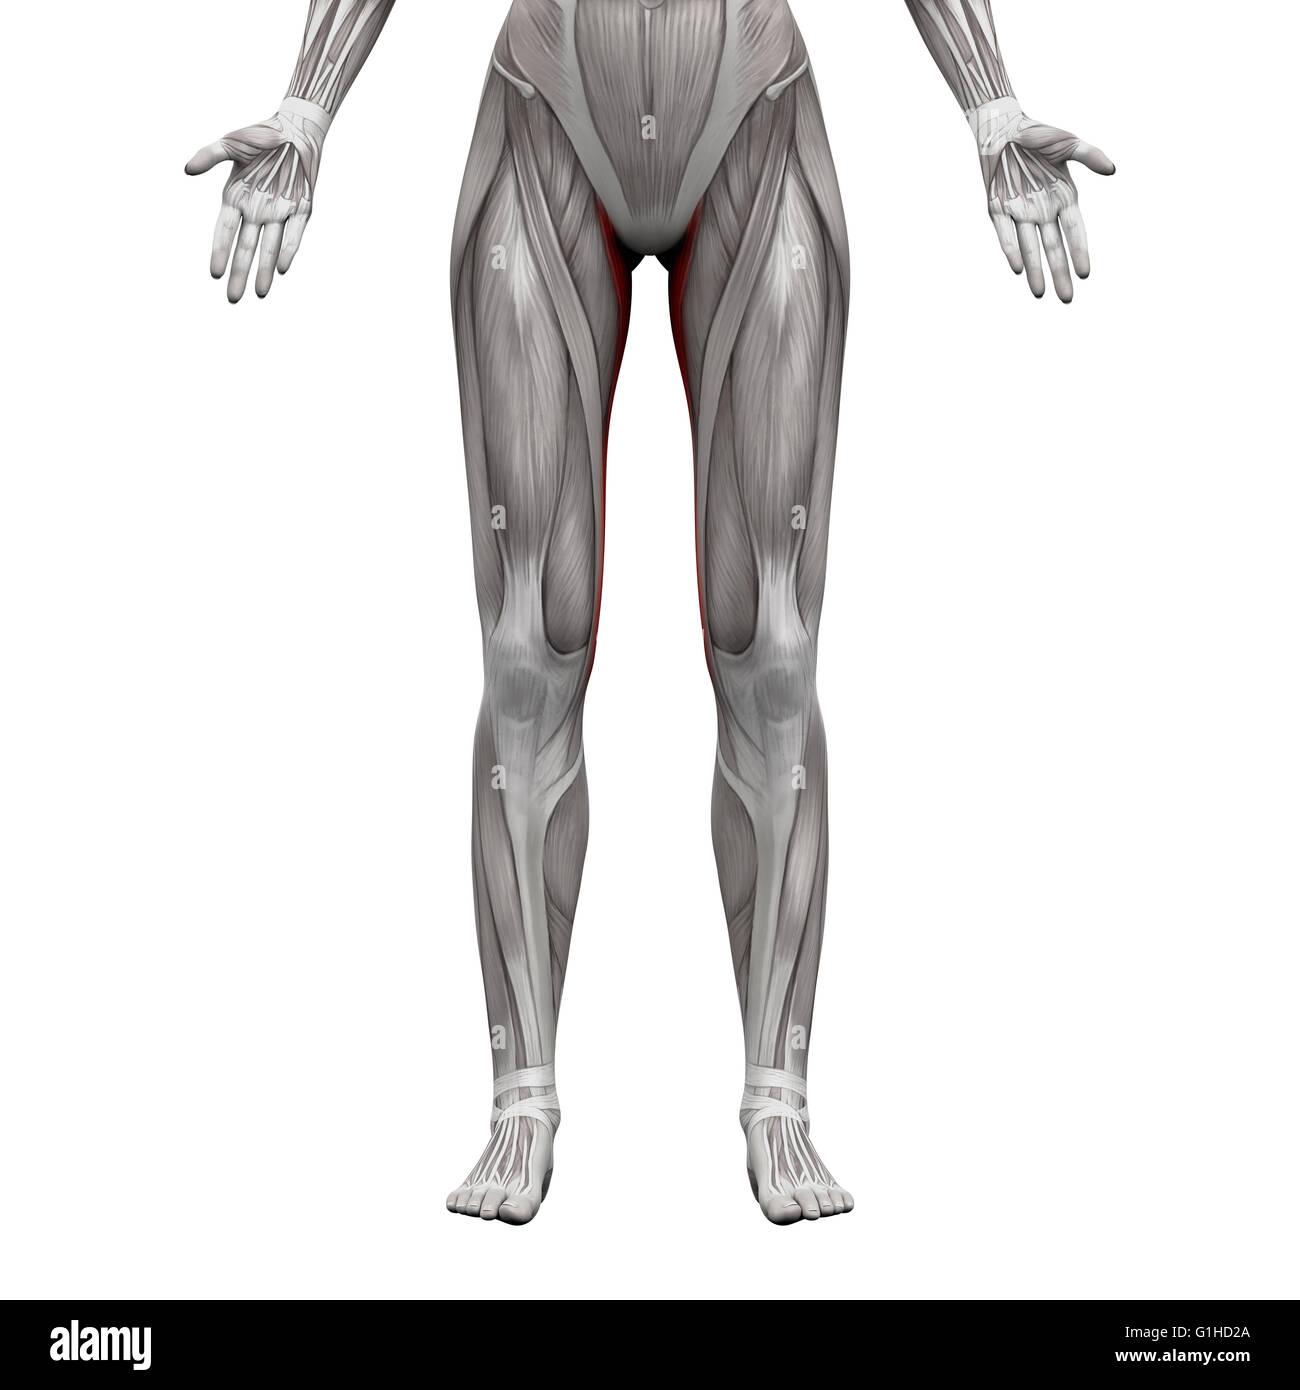 Schön Lernen Anatomie Muskeln Bilder - Menschliche Anatomie Bilder ...